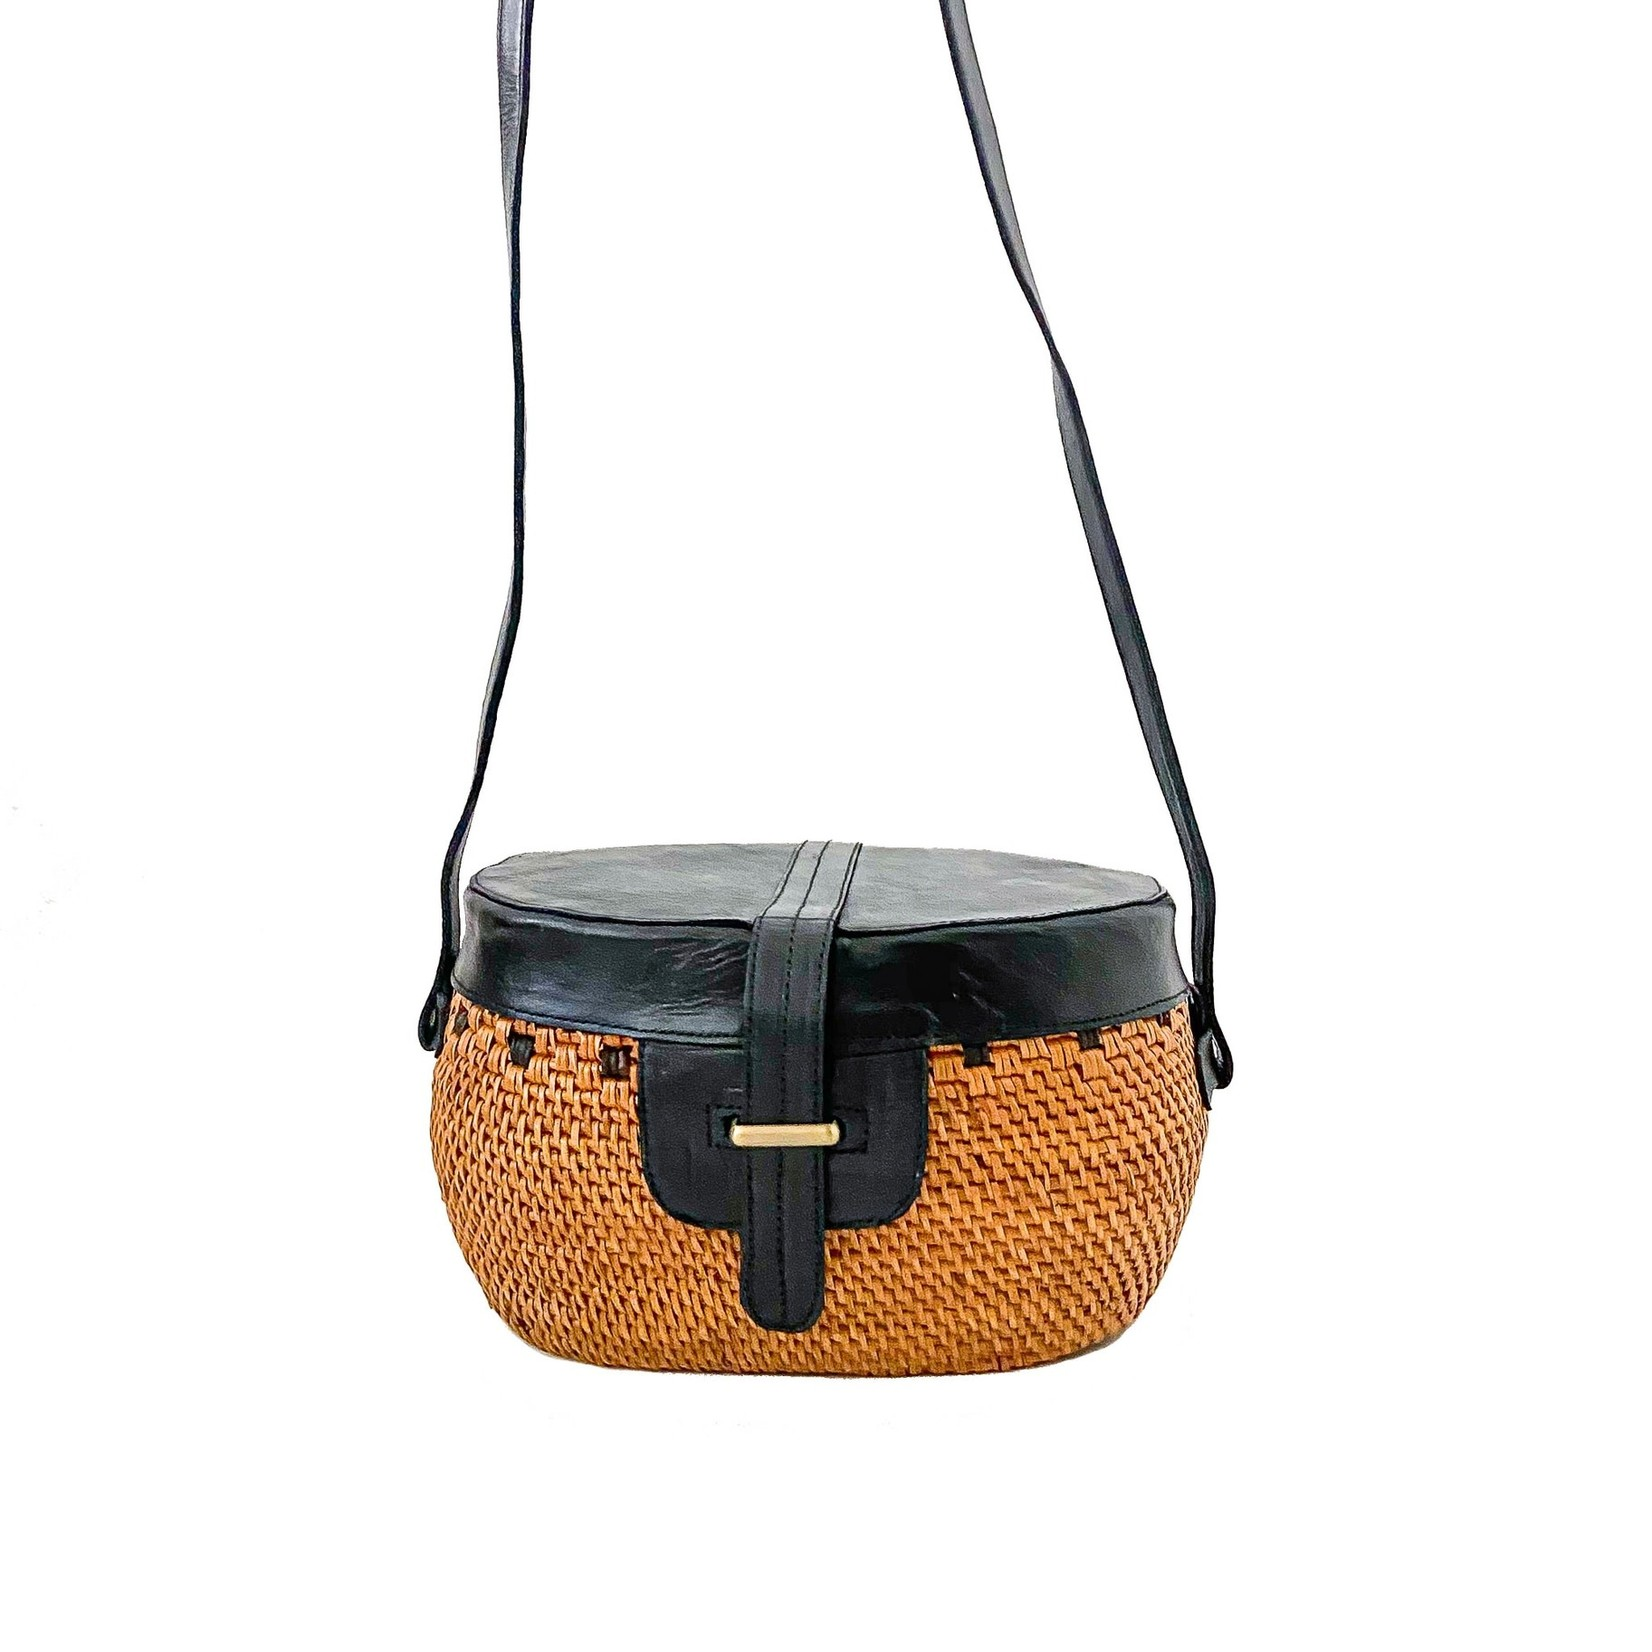 Everina Mariana Crossbody Bag in Black